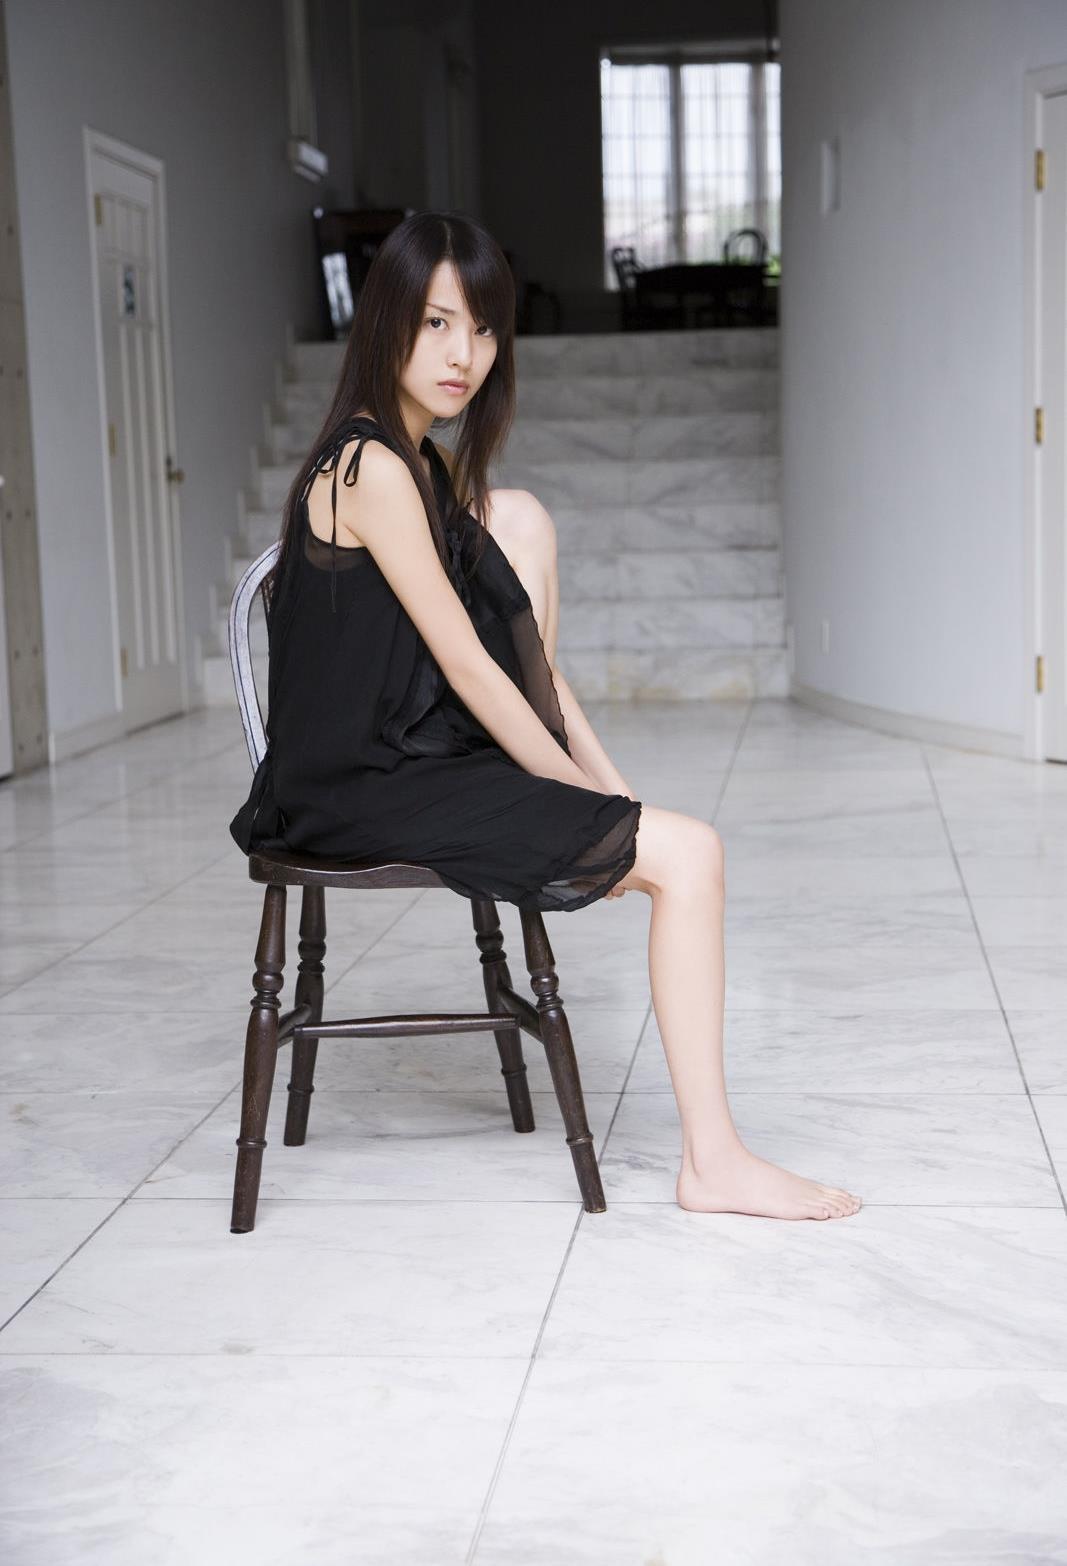 戸田恵梨香 エロ画像 31